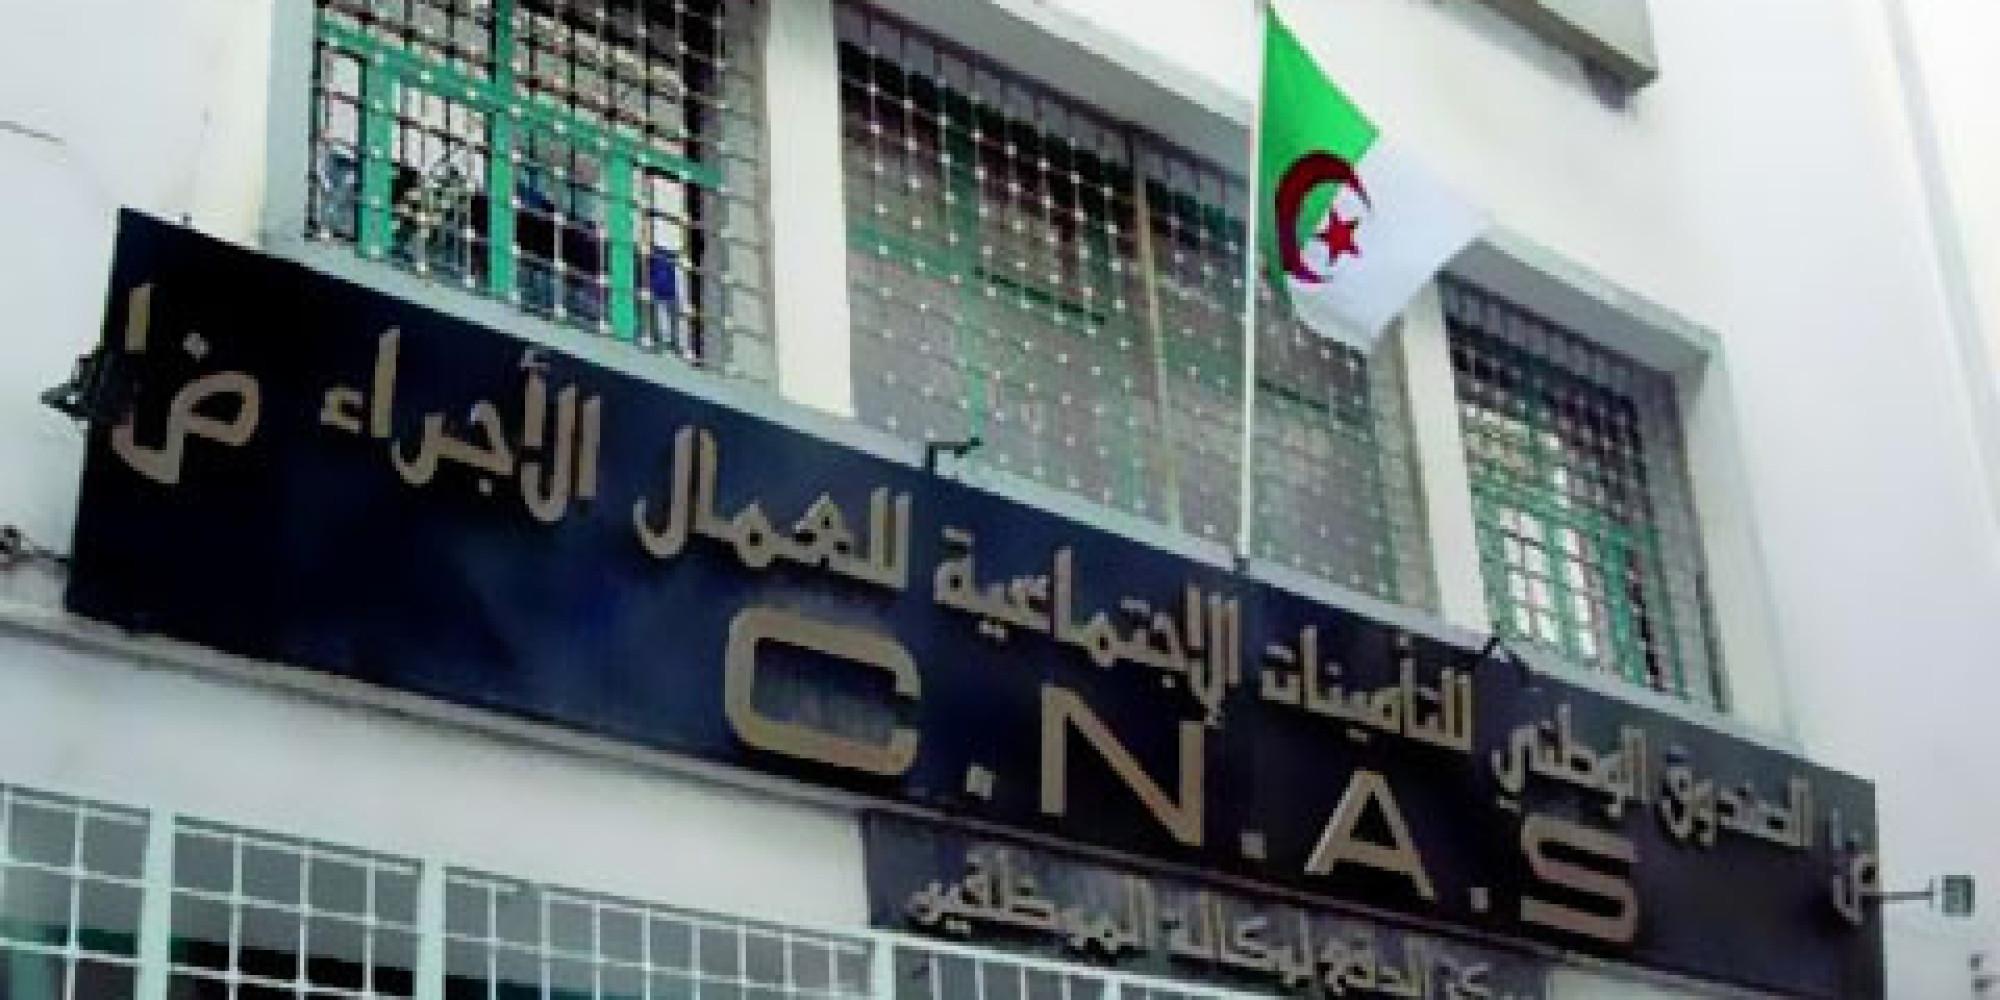 La scandaleuse décision des médecins de la Cnas